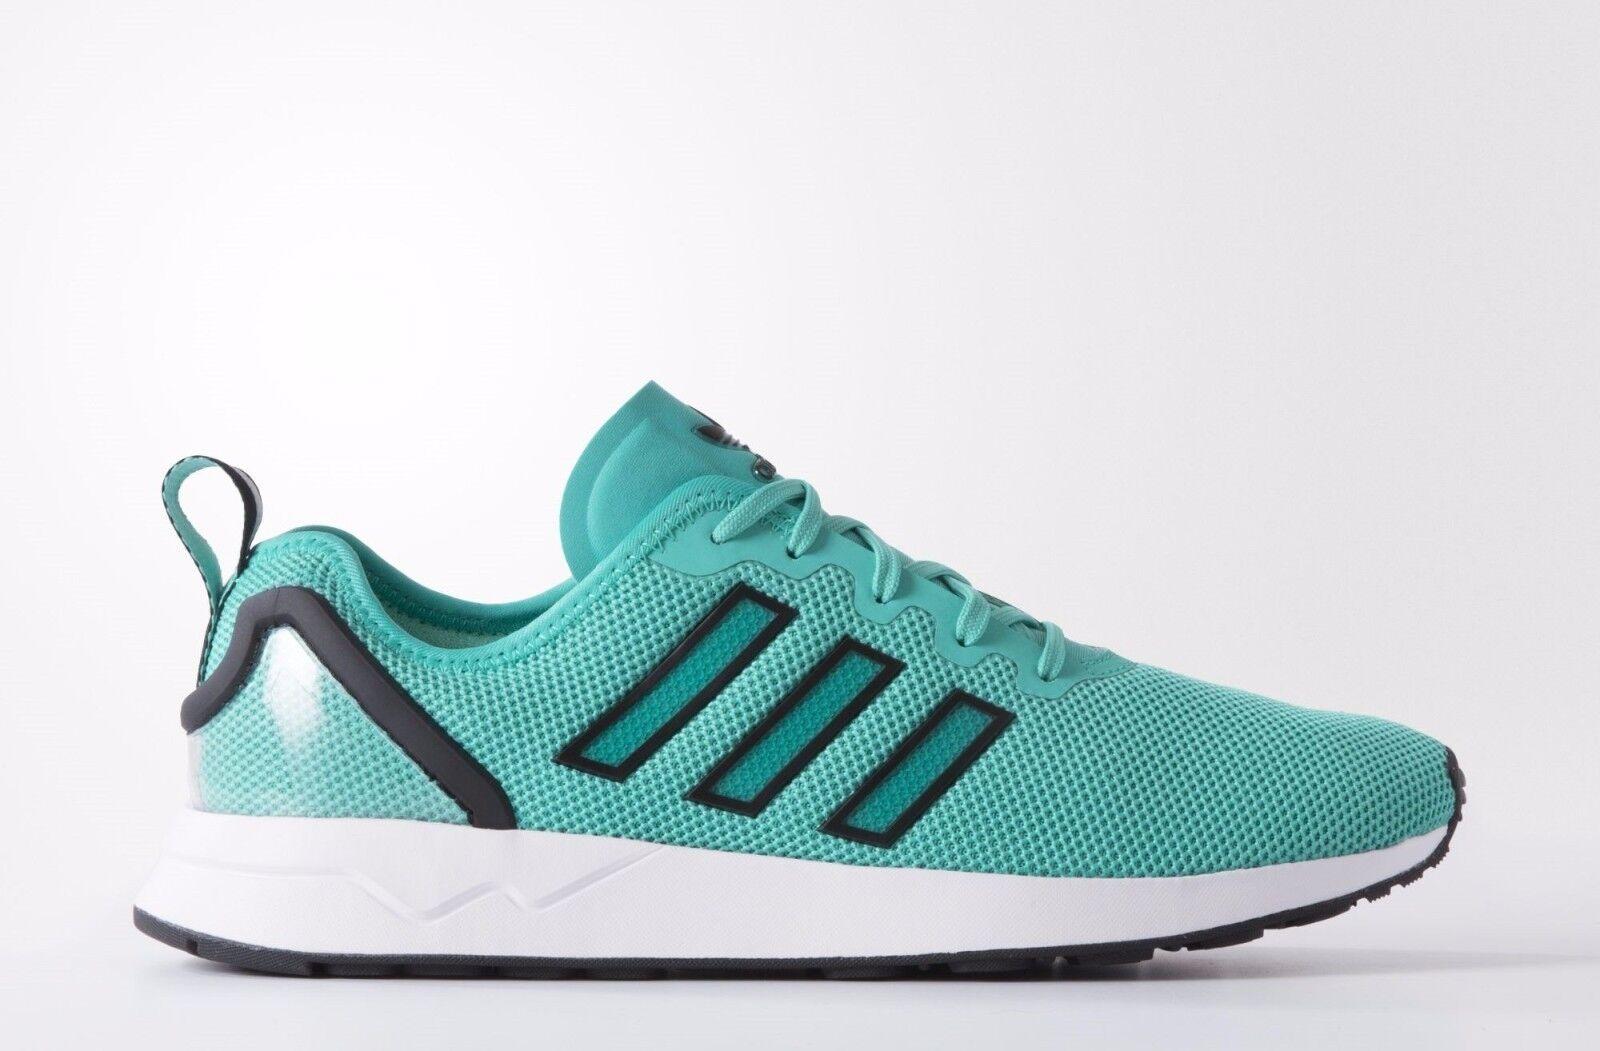 Adidas Originals ZX Flux ADV Para hombres Zapatos Entrenadores verde Menta S79008